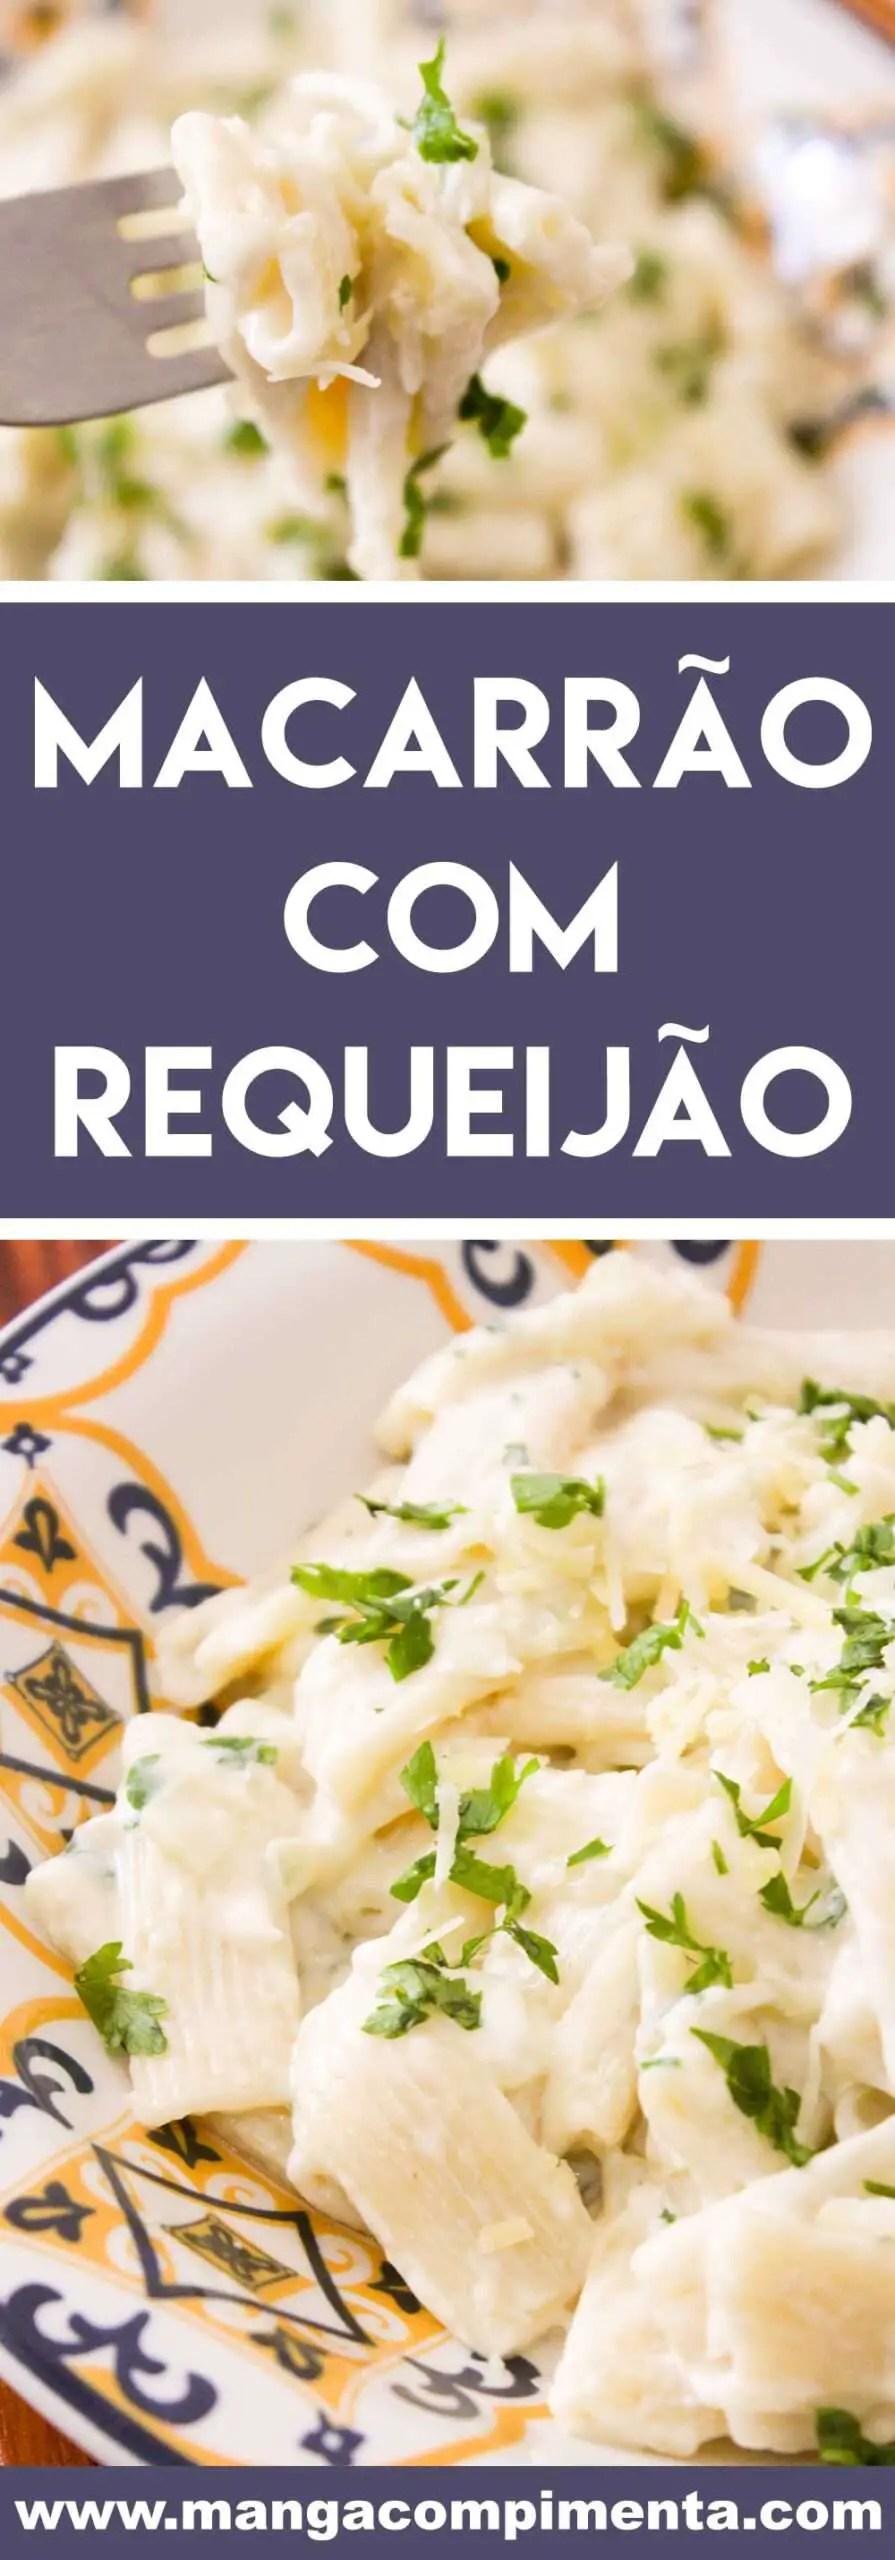 Receita de Macarrão com Requeijão - um almoço vapt vupt na semana!